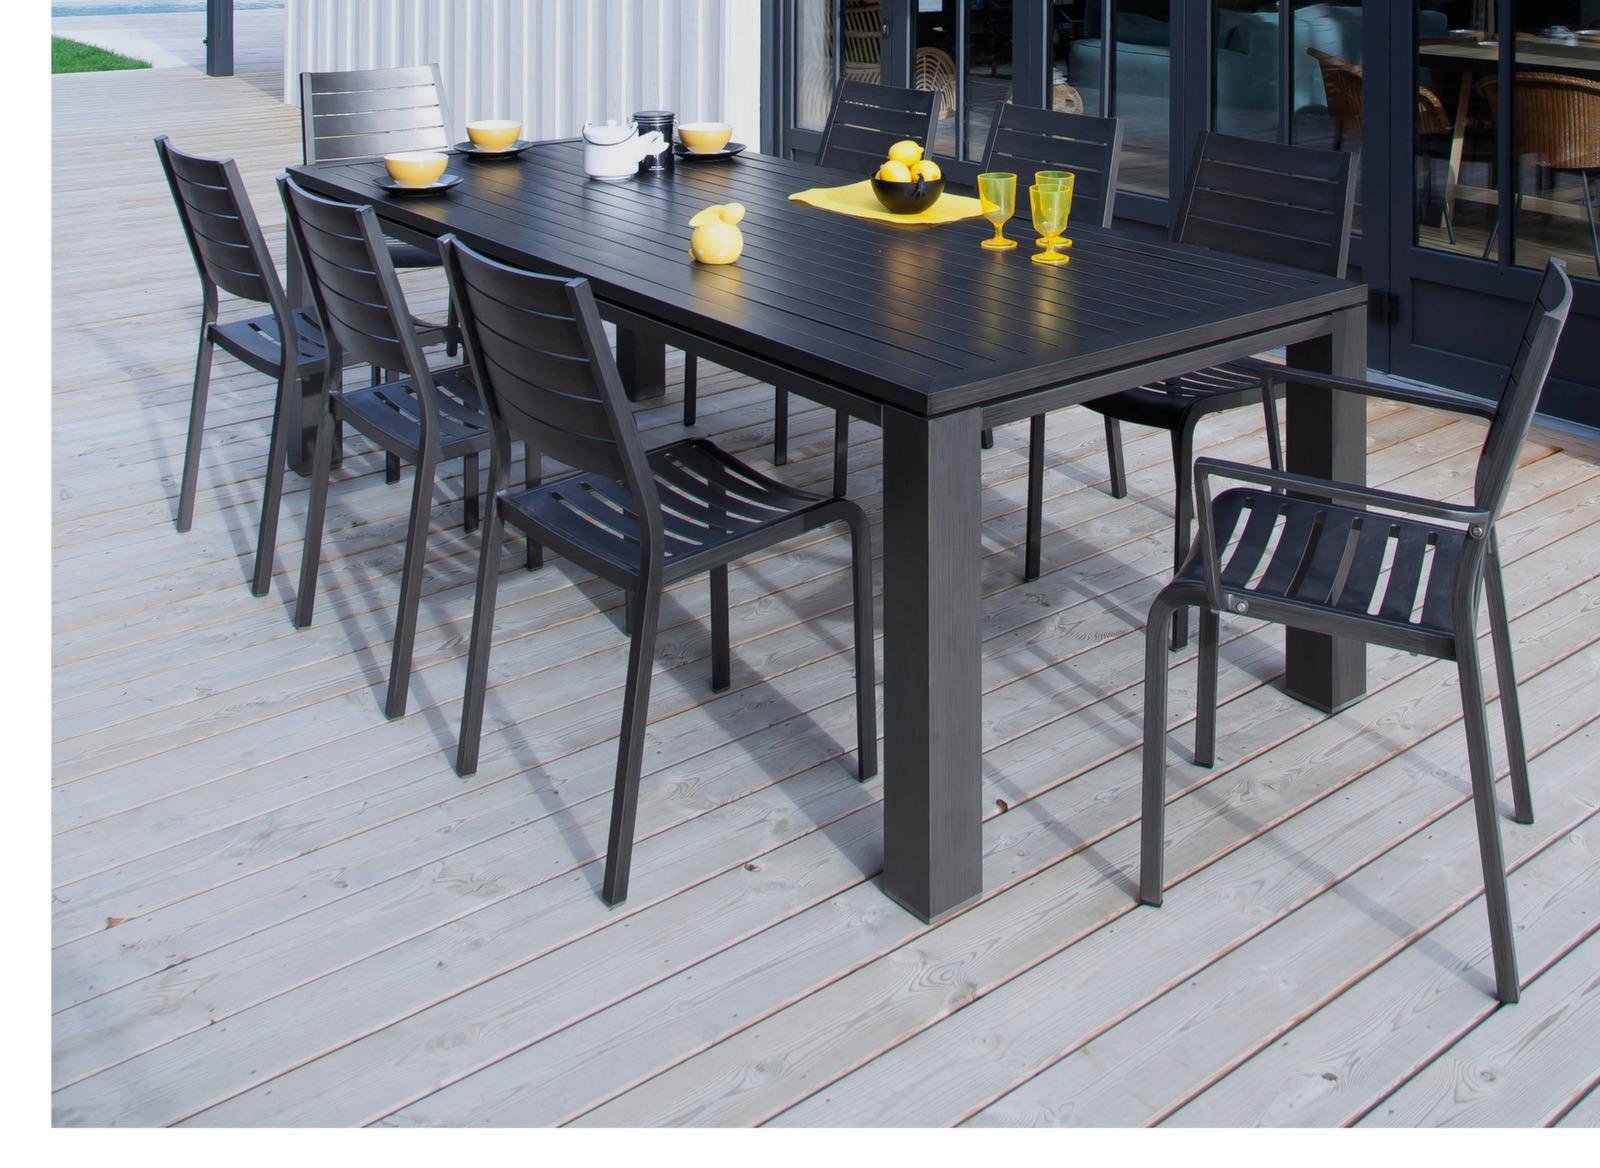 Fauteuil flower chaises et fauteuils de jardin salon de jardin repas pr - Mobilier unique avis ...